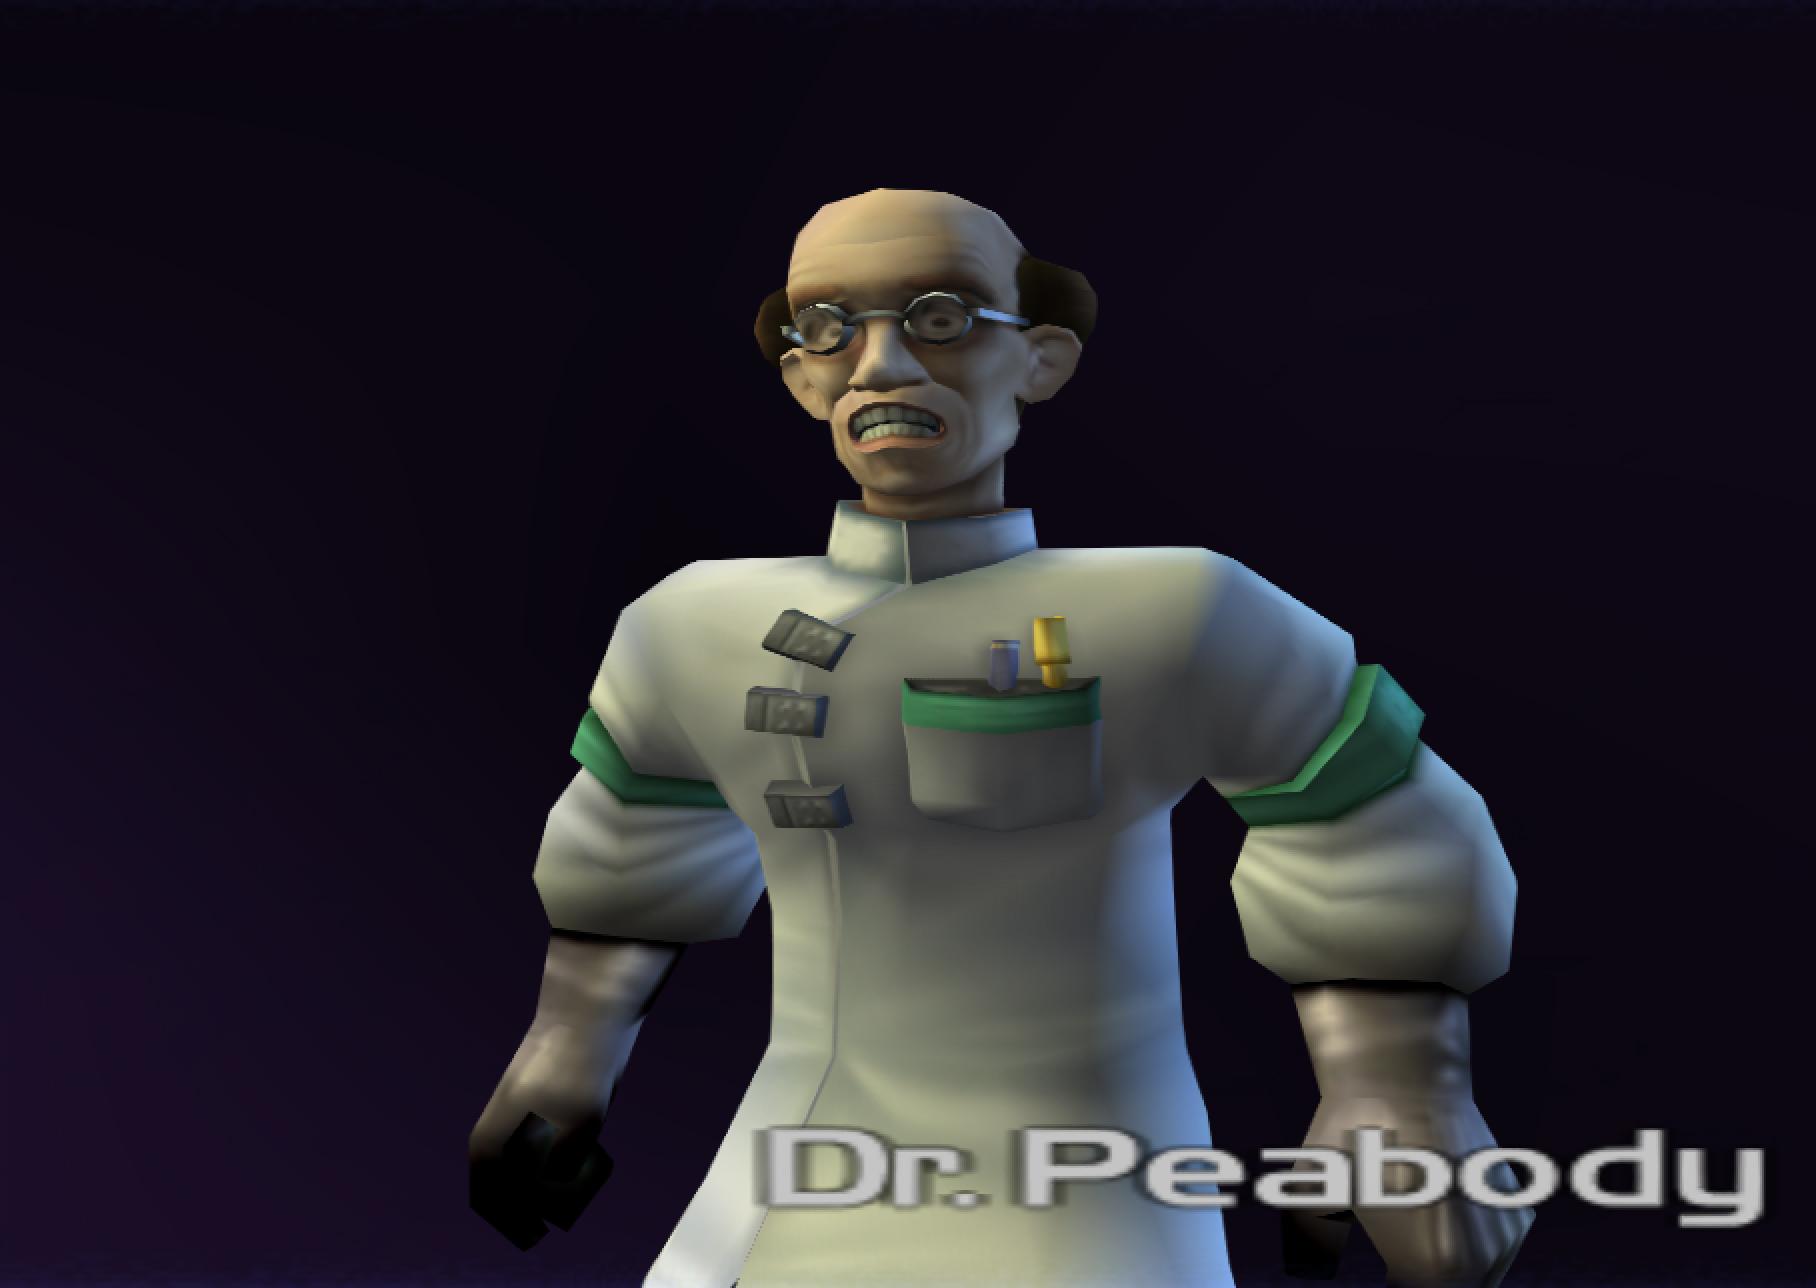 Doctor Thadeus Peabody